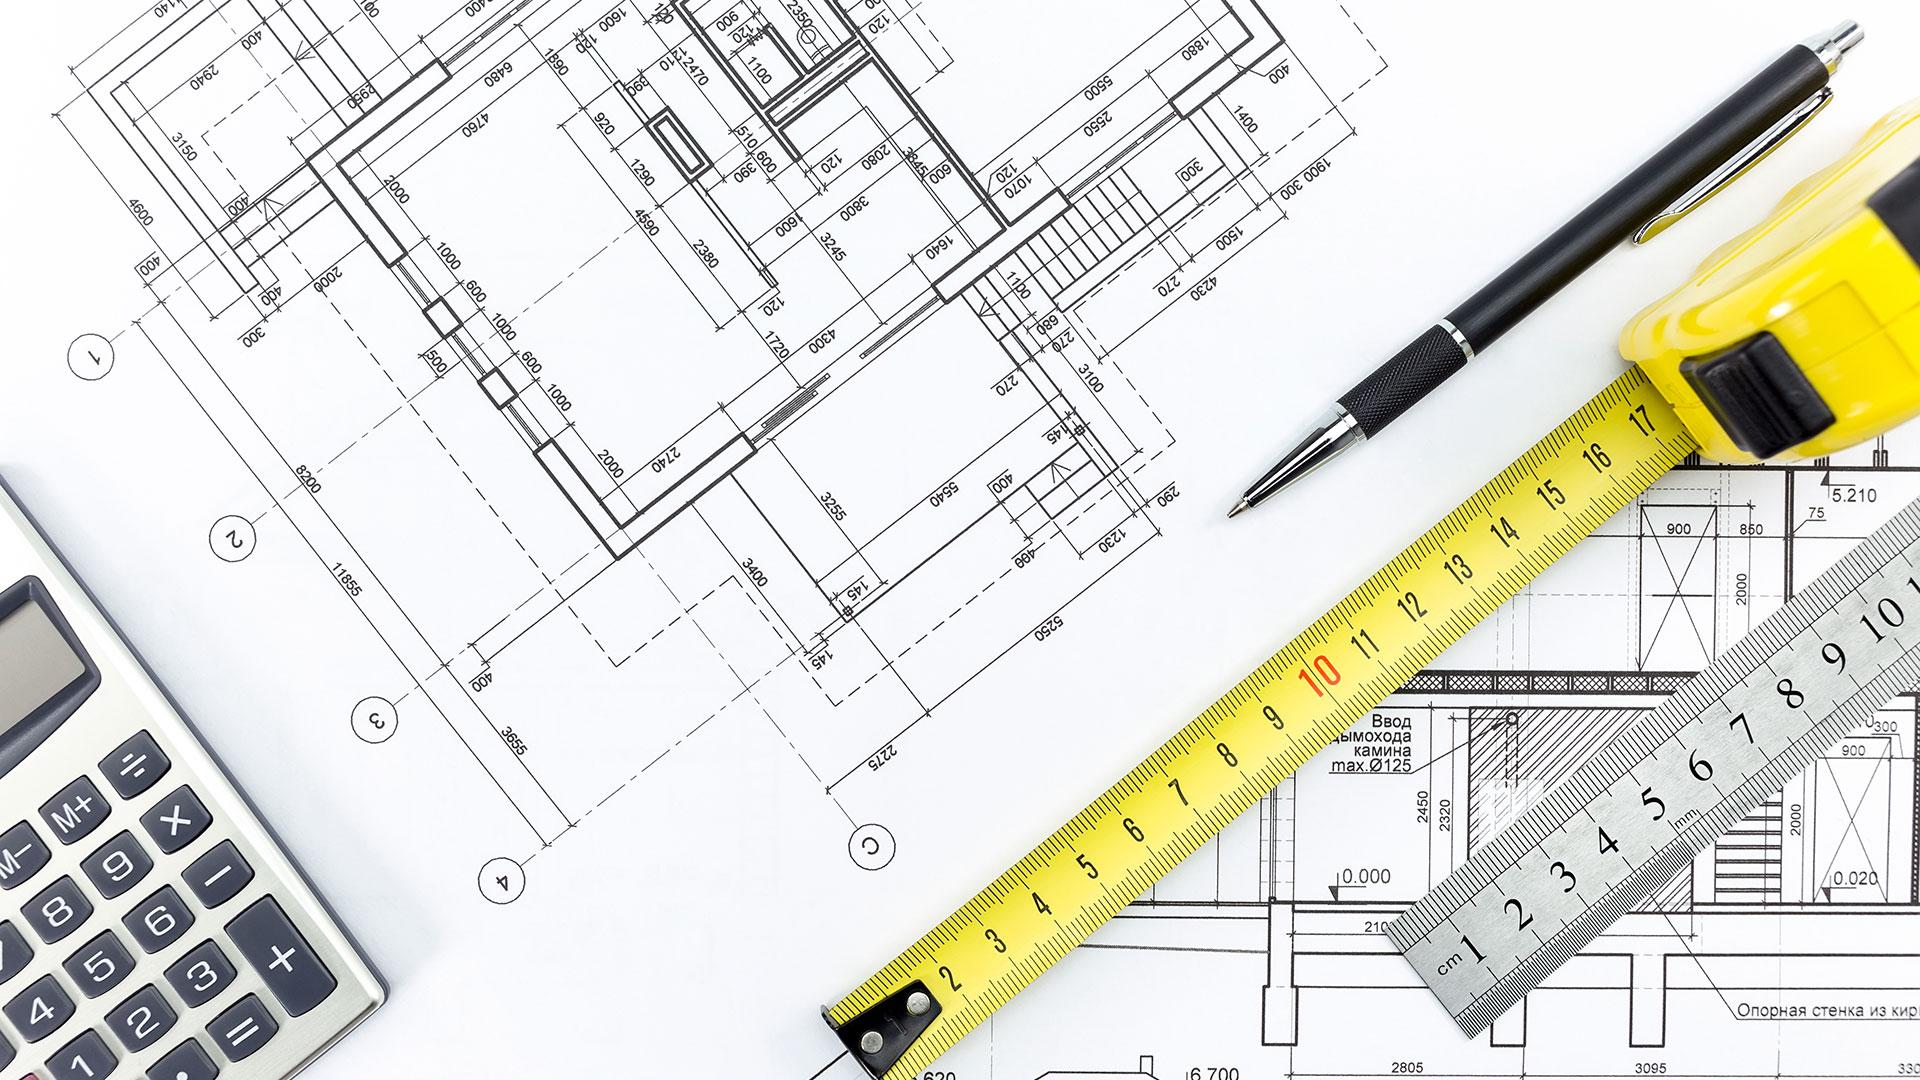 Maßband und Druckbleistift auf Skizze von Gebäudegrundriss.